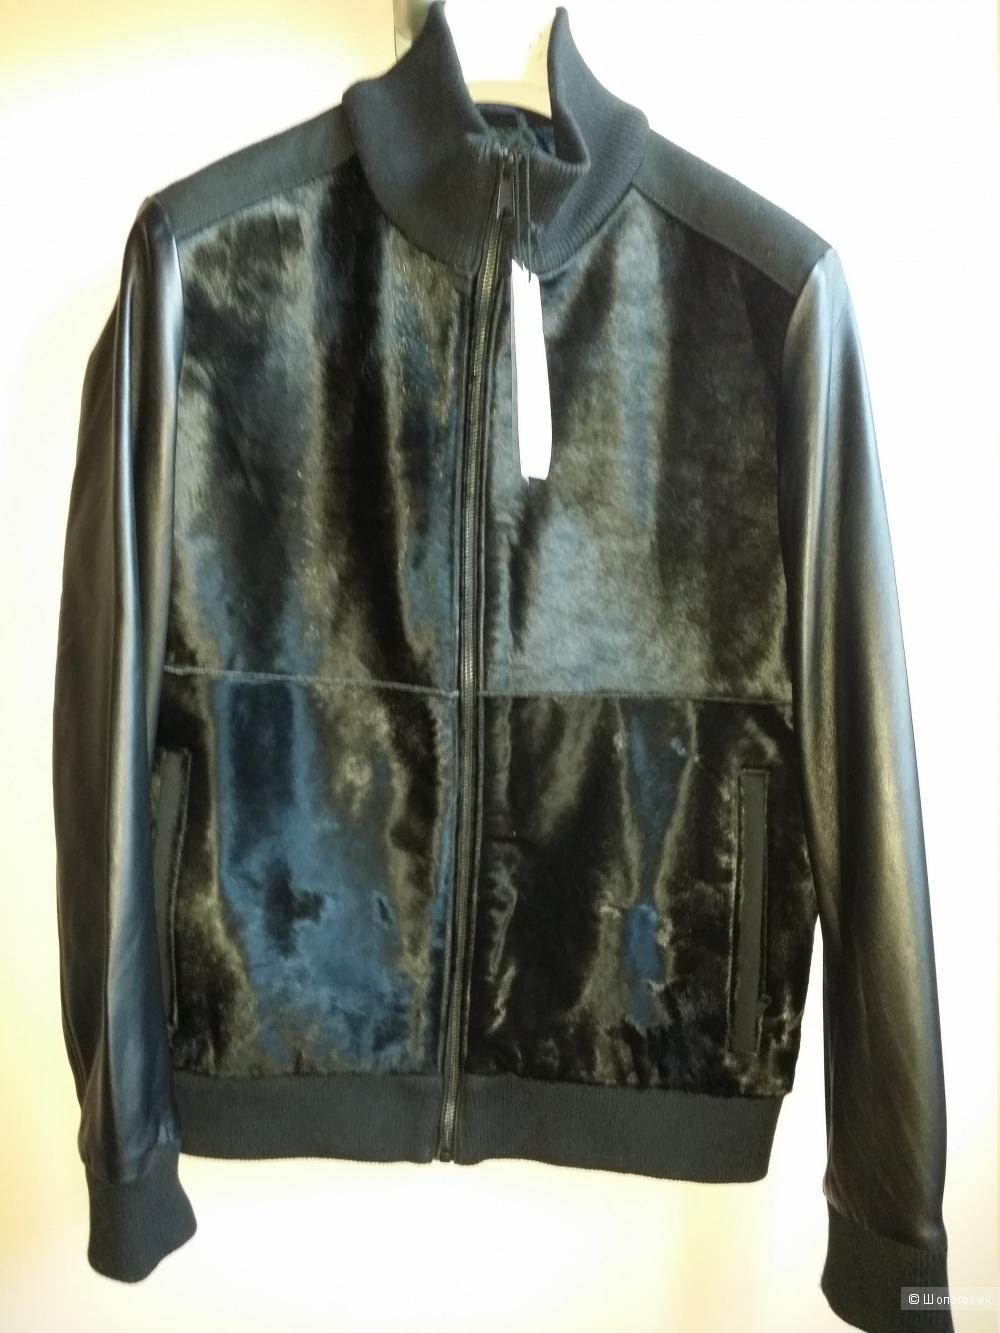 Кожаная куртка Studio by Jack & Jones, унисекс, М